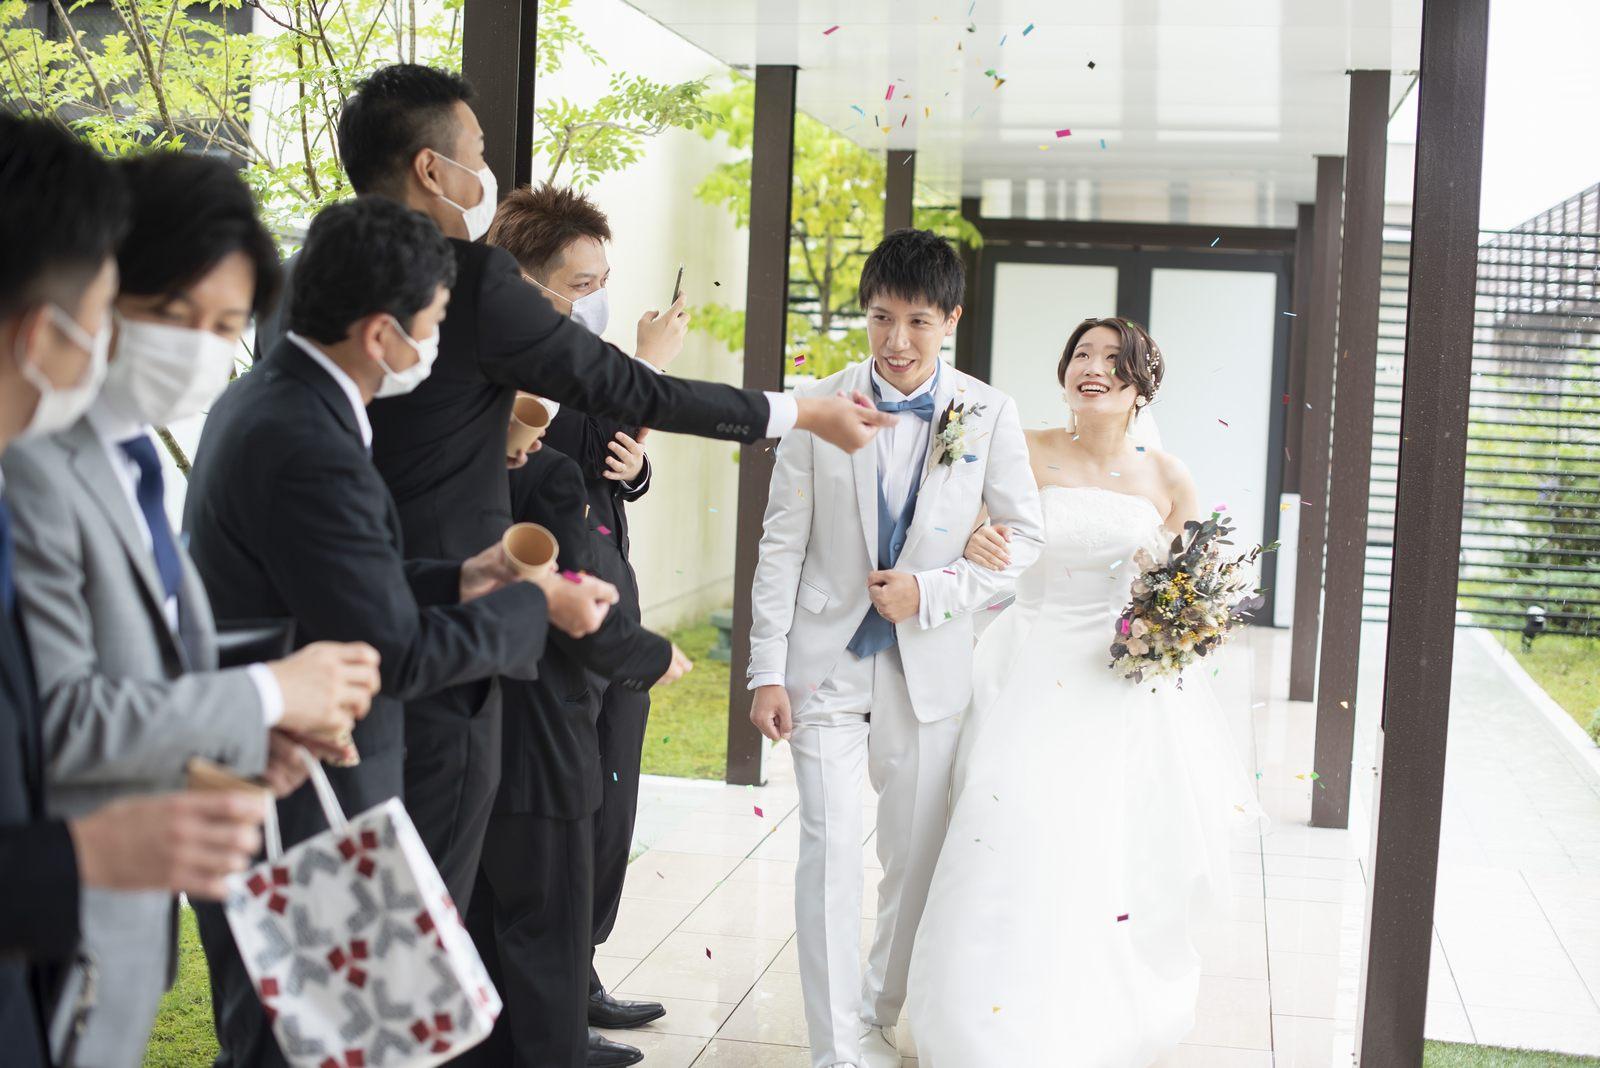 高松市の結婚式場アイルバレクラブ セレモニー